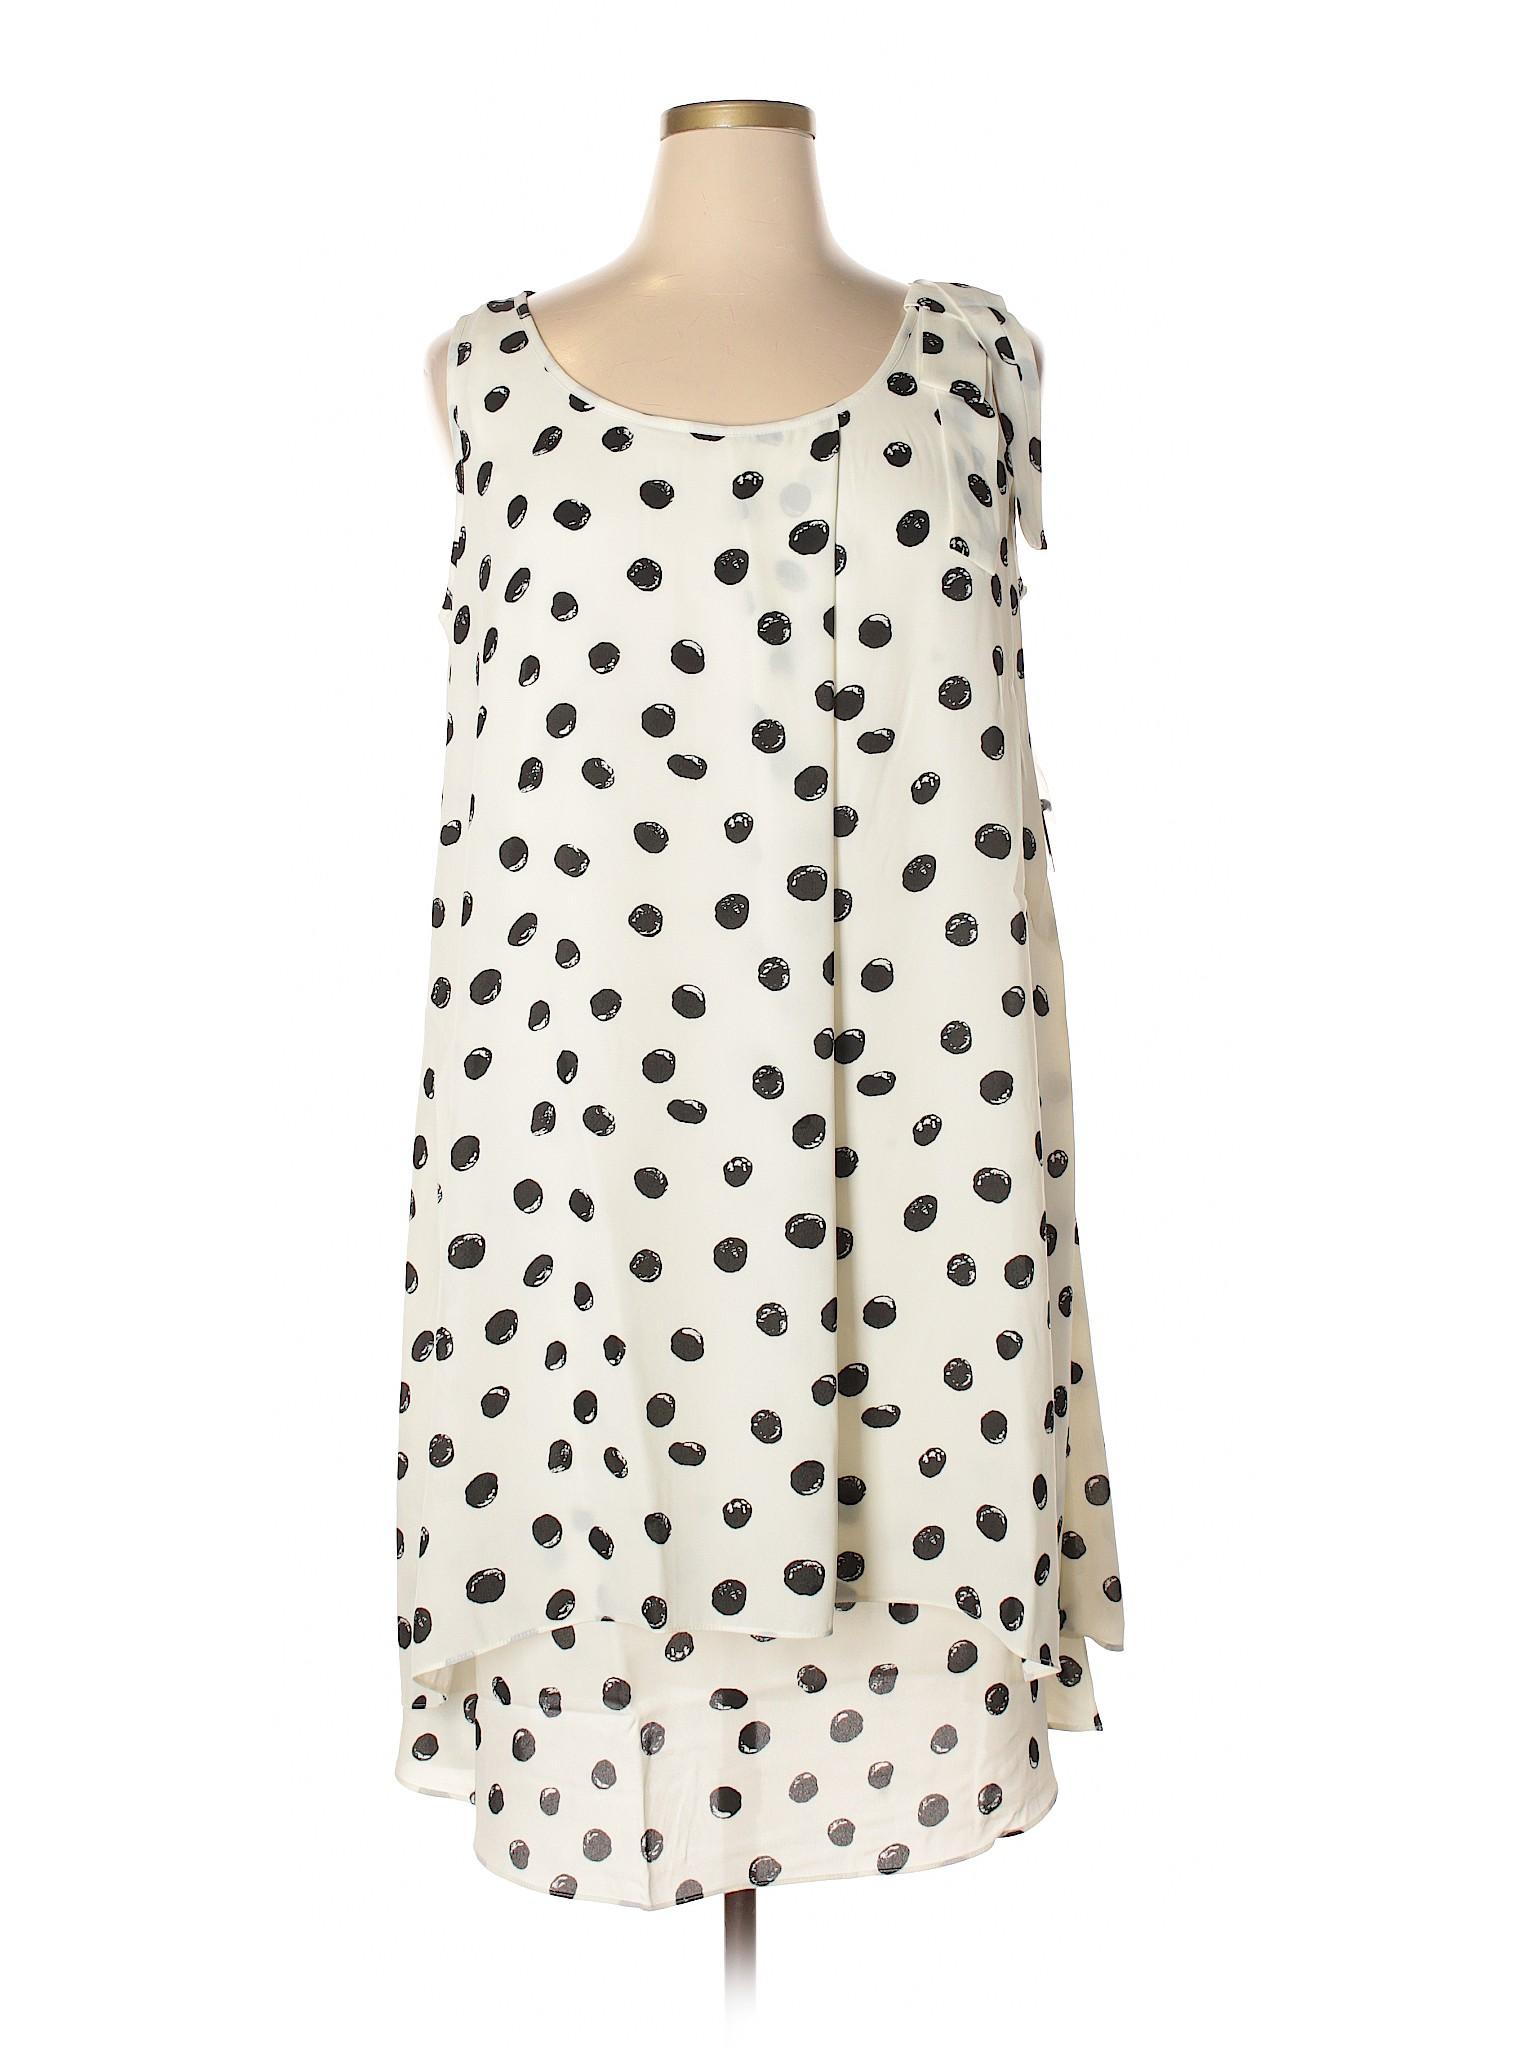 winter Dress Boutique S Fashions Casual L pgfdTqUz